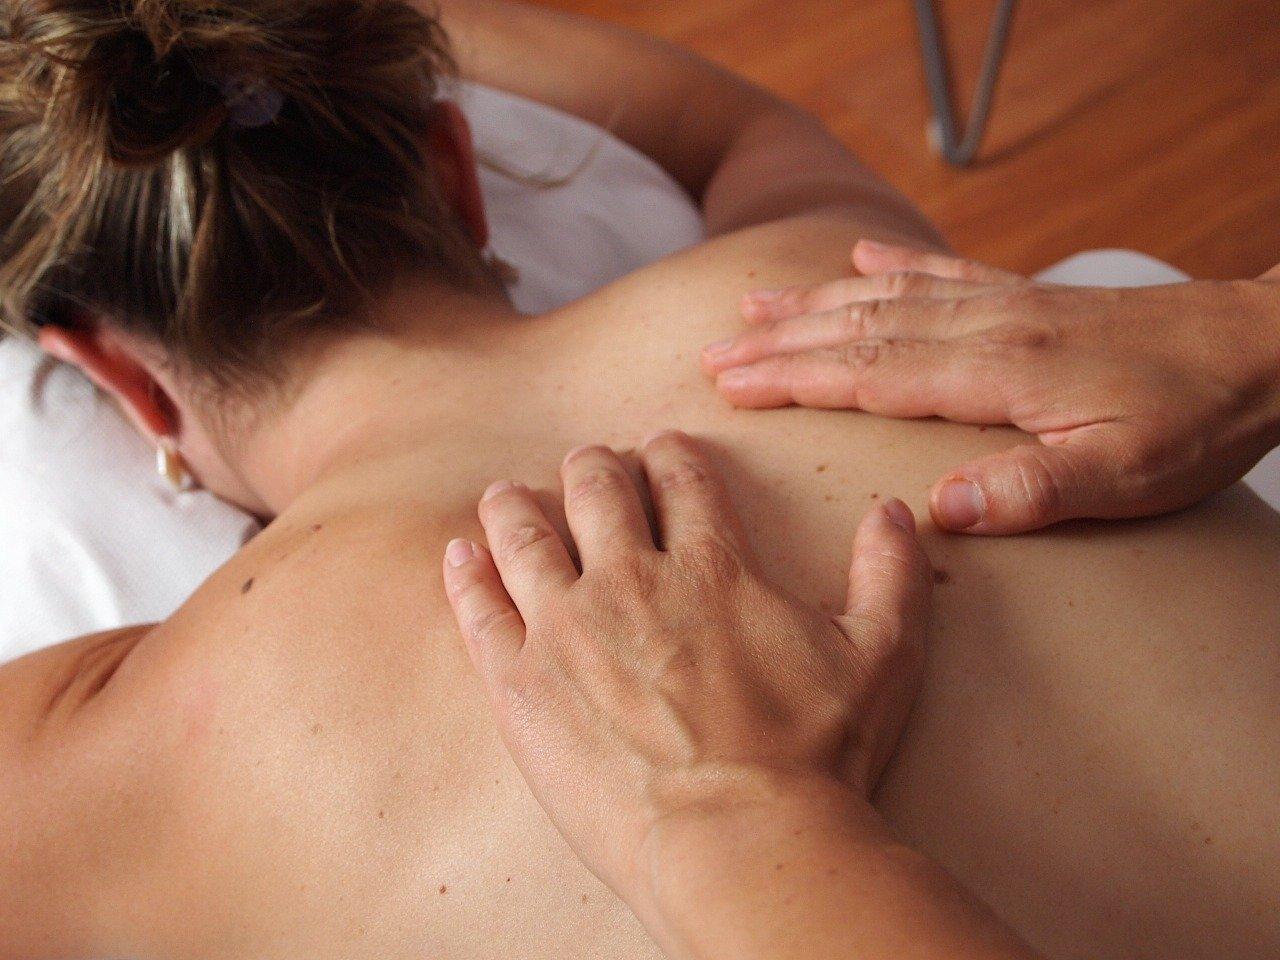 Fysio- en Manueeltherapie praktijk Thea Jorna fysio zorgverzekering